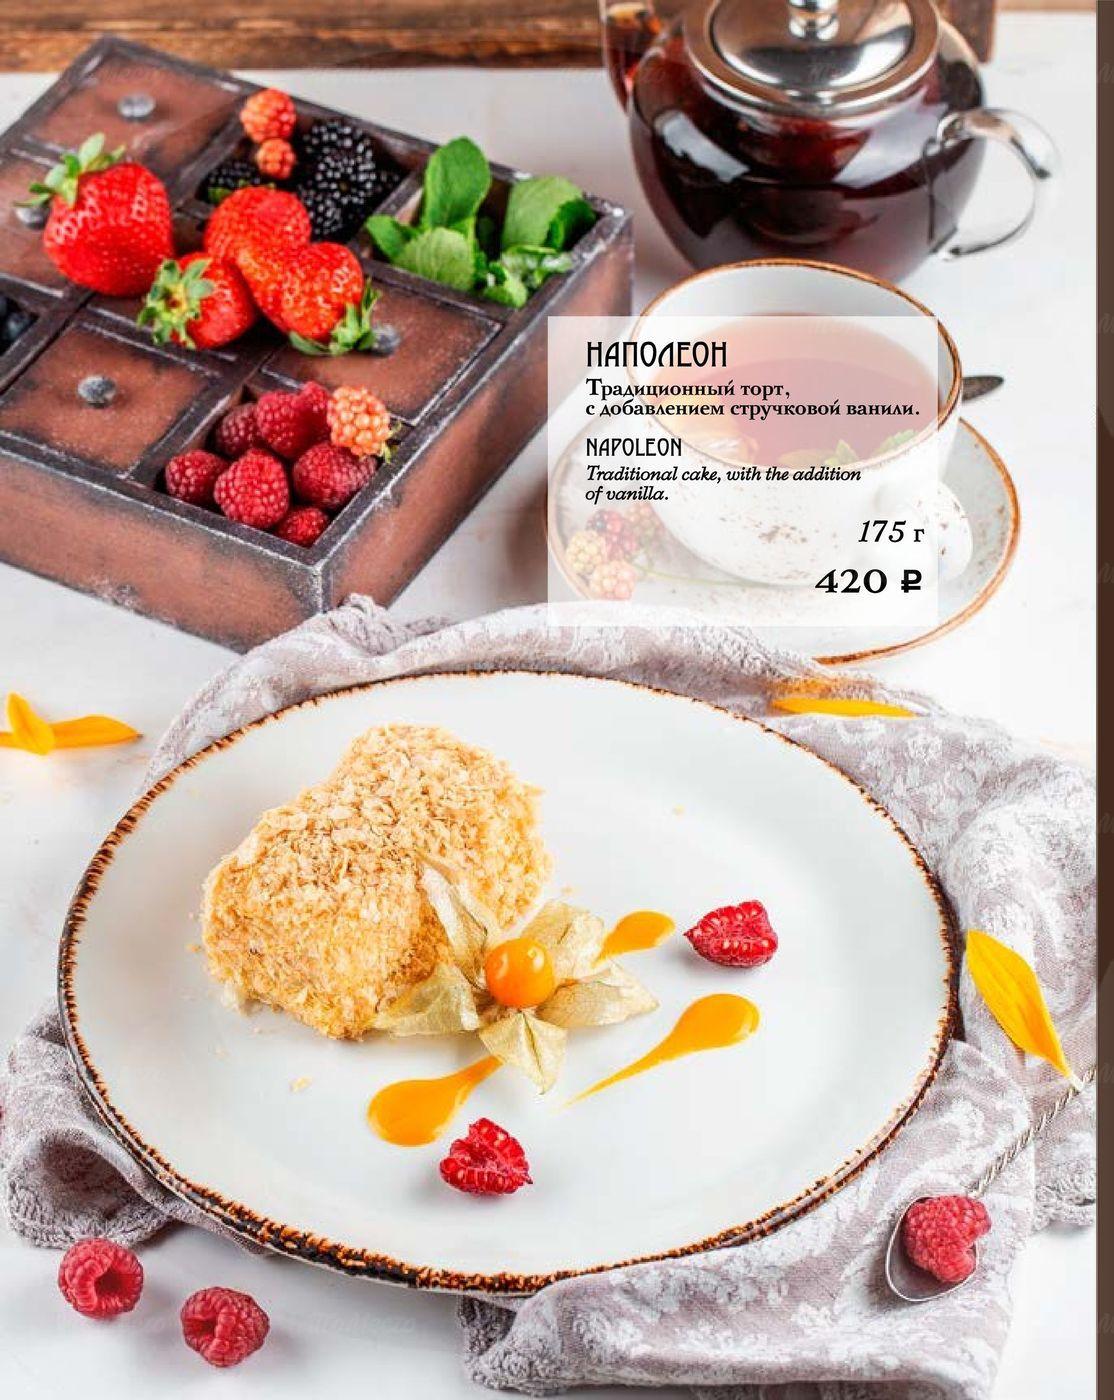 Меню ресторана Sun & Moon (Сан энд Мун) на Большой Никитской фото 70